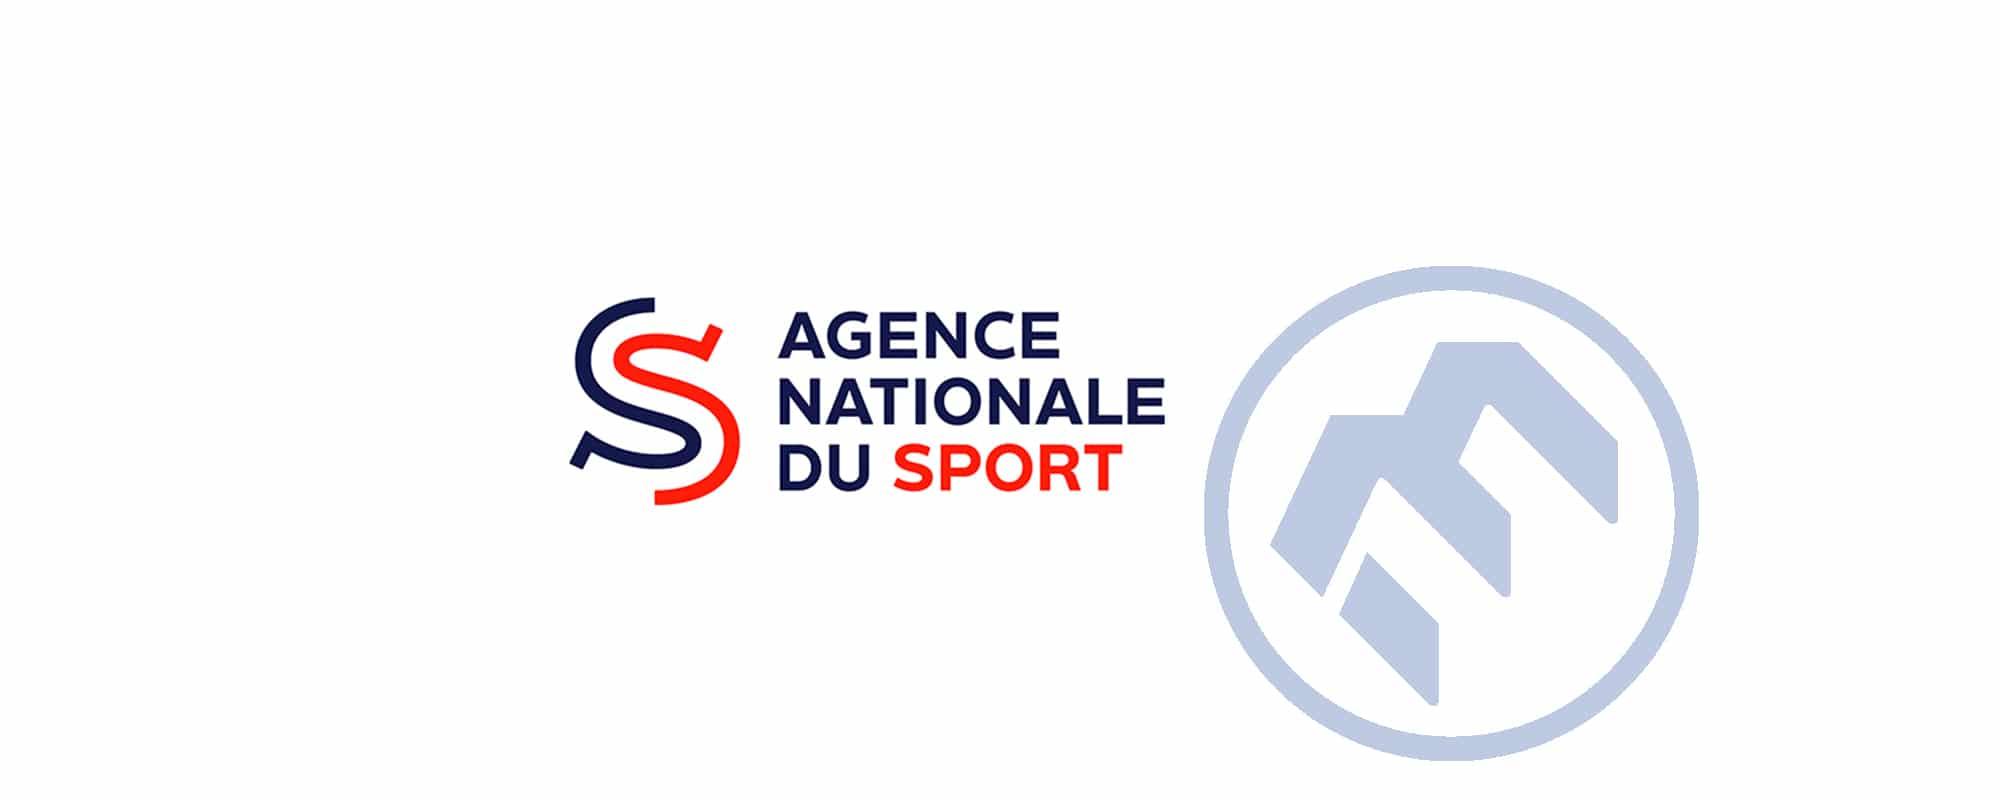 Lancement de la campagne Projets sportifs fédéraux 2020